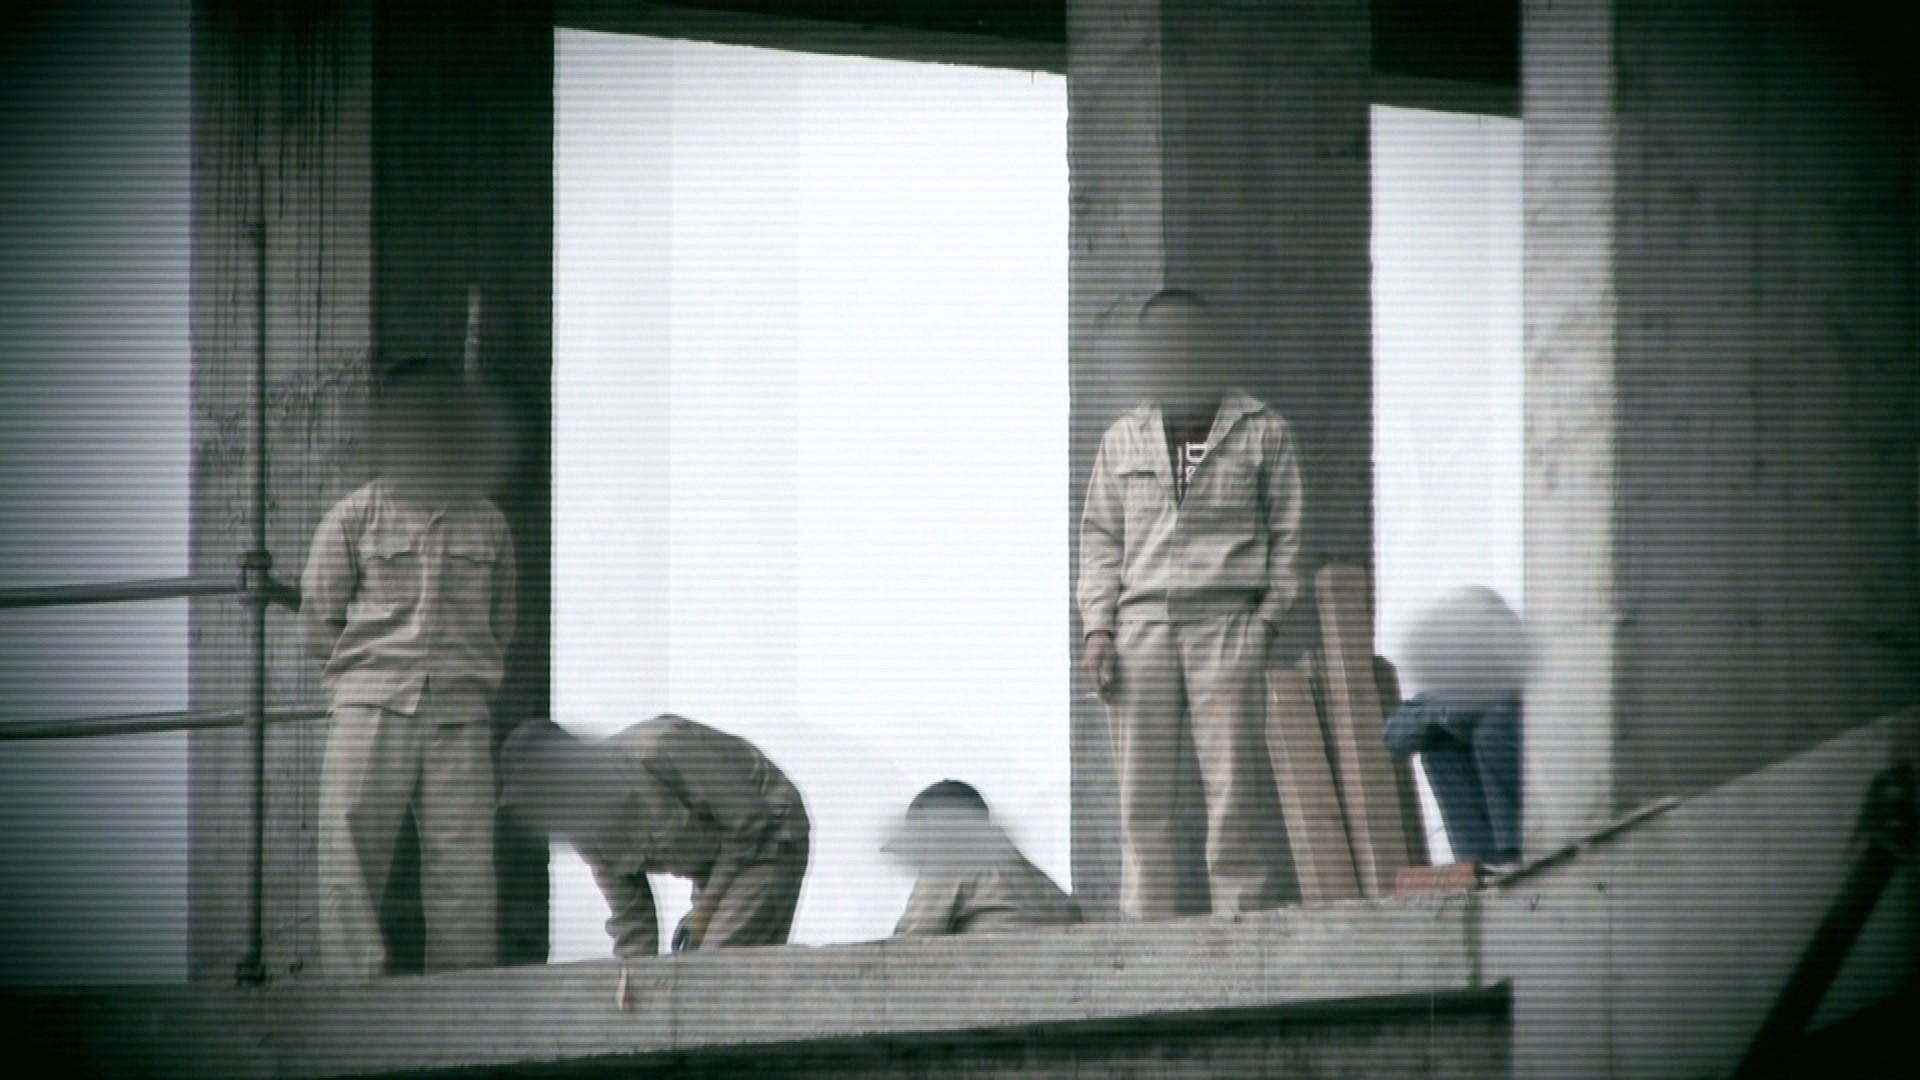 arbejdere.jpg